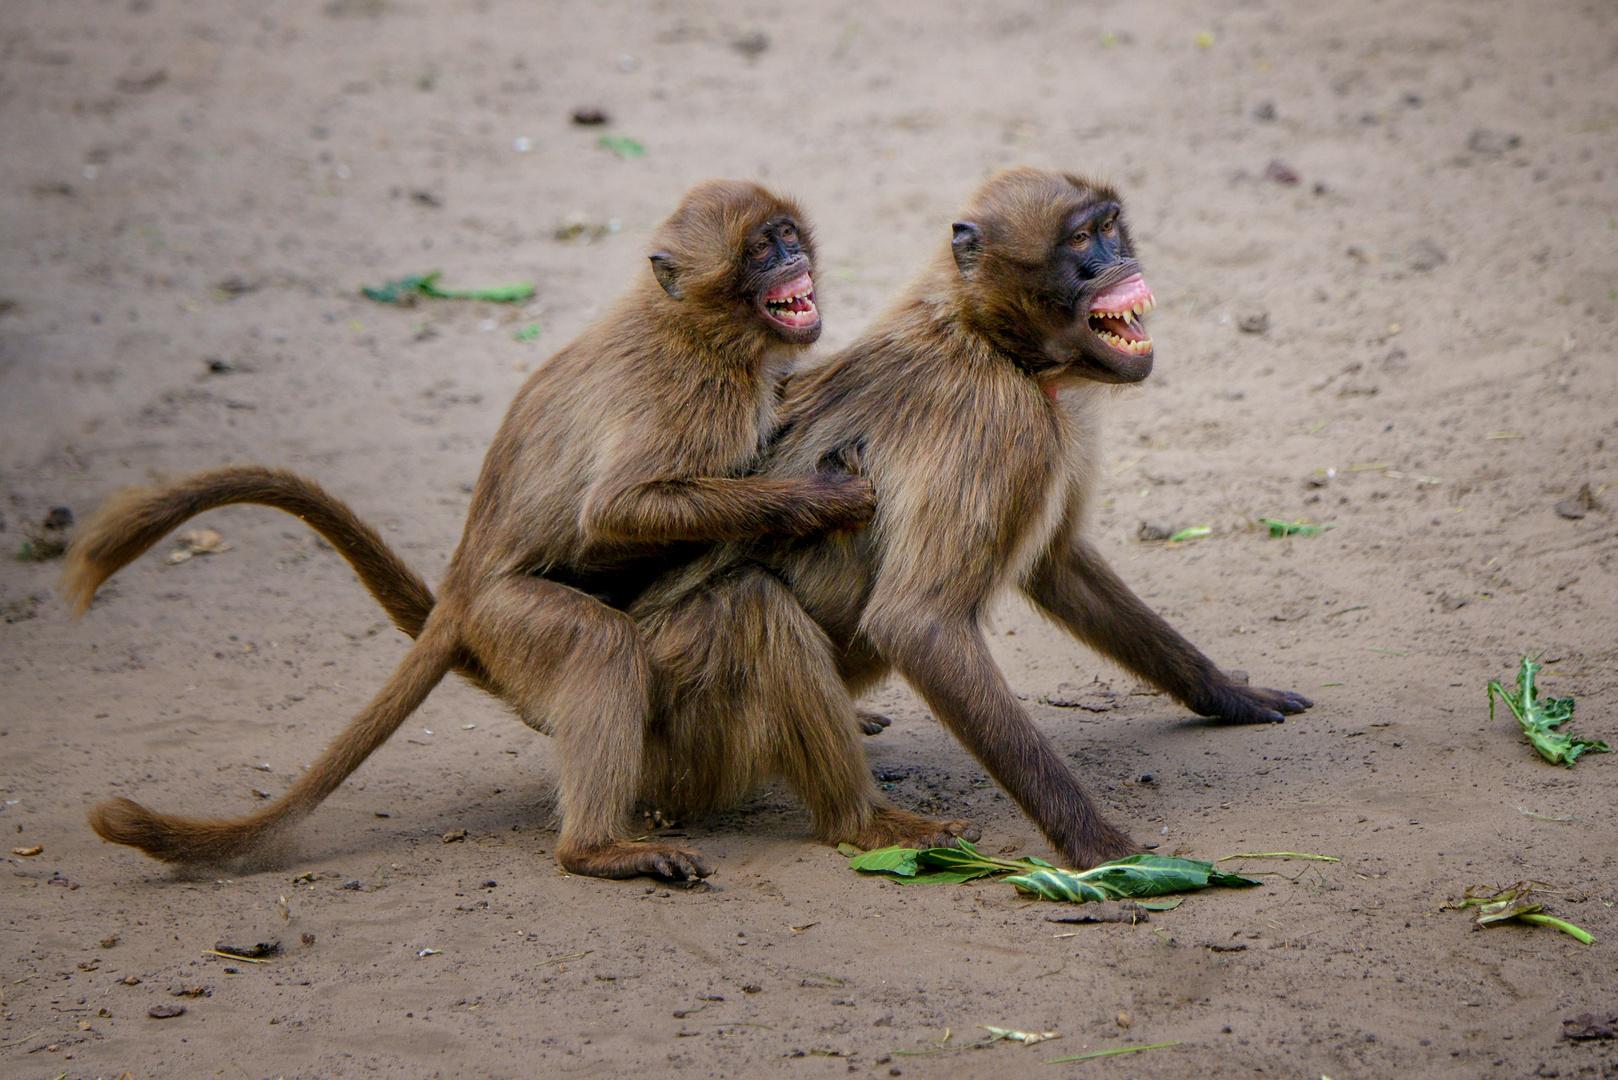 Zum Lachen Foto & Bild | natur, tiere, säugetiere Bilder